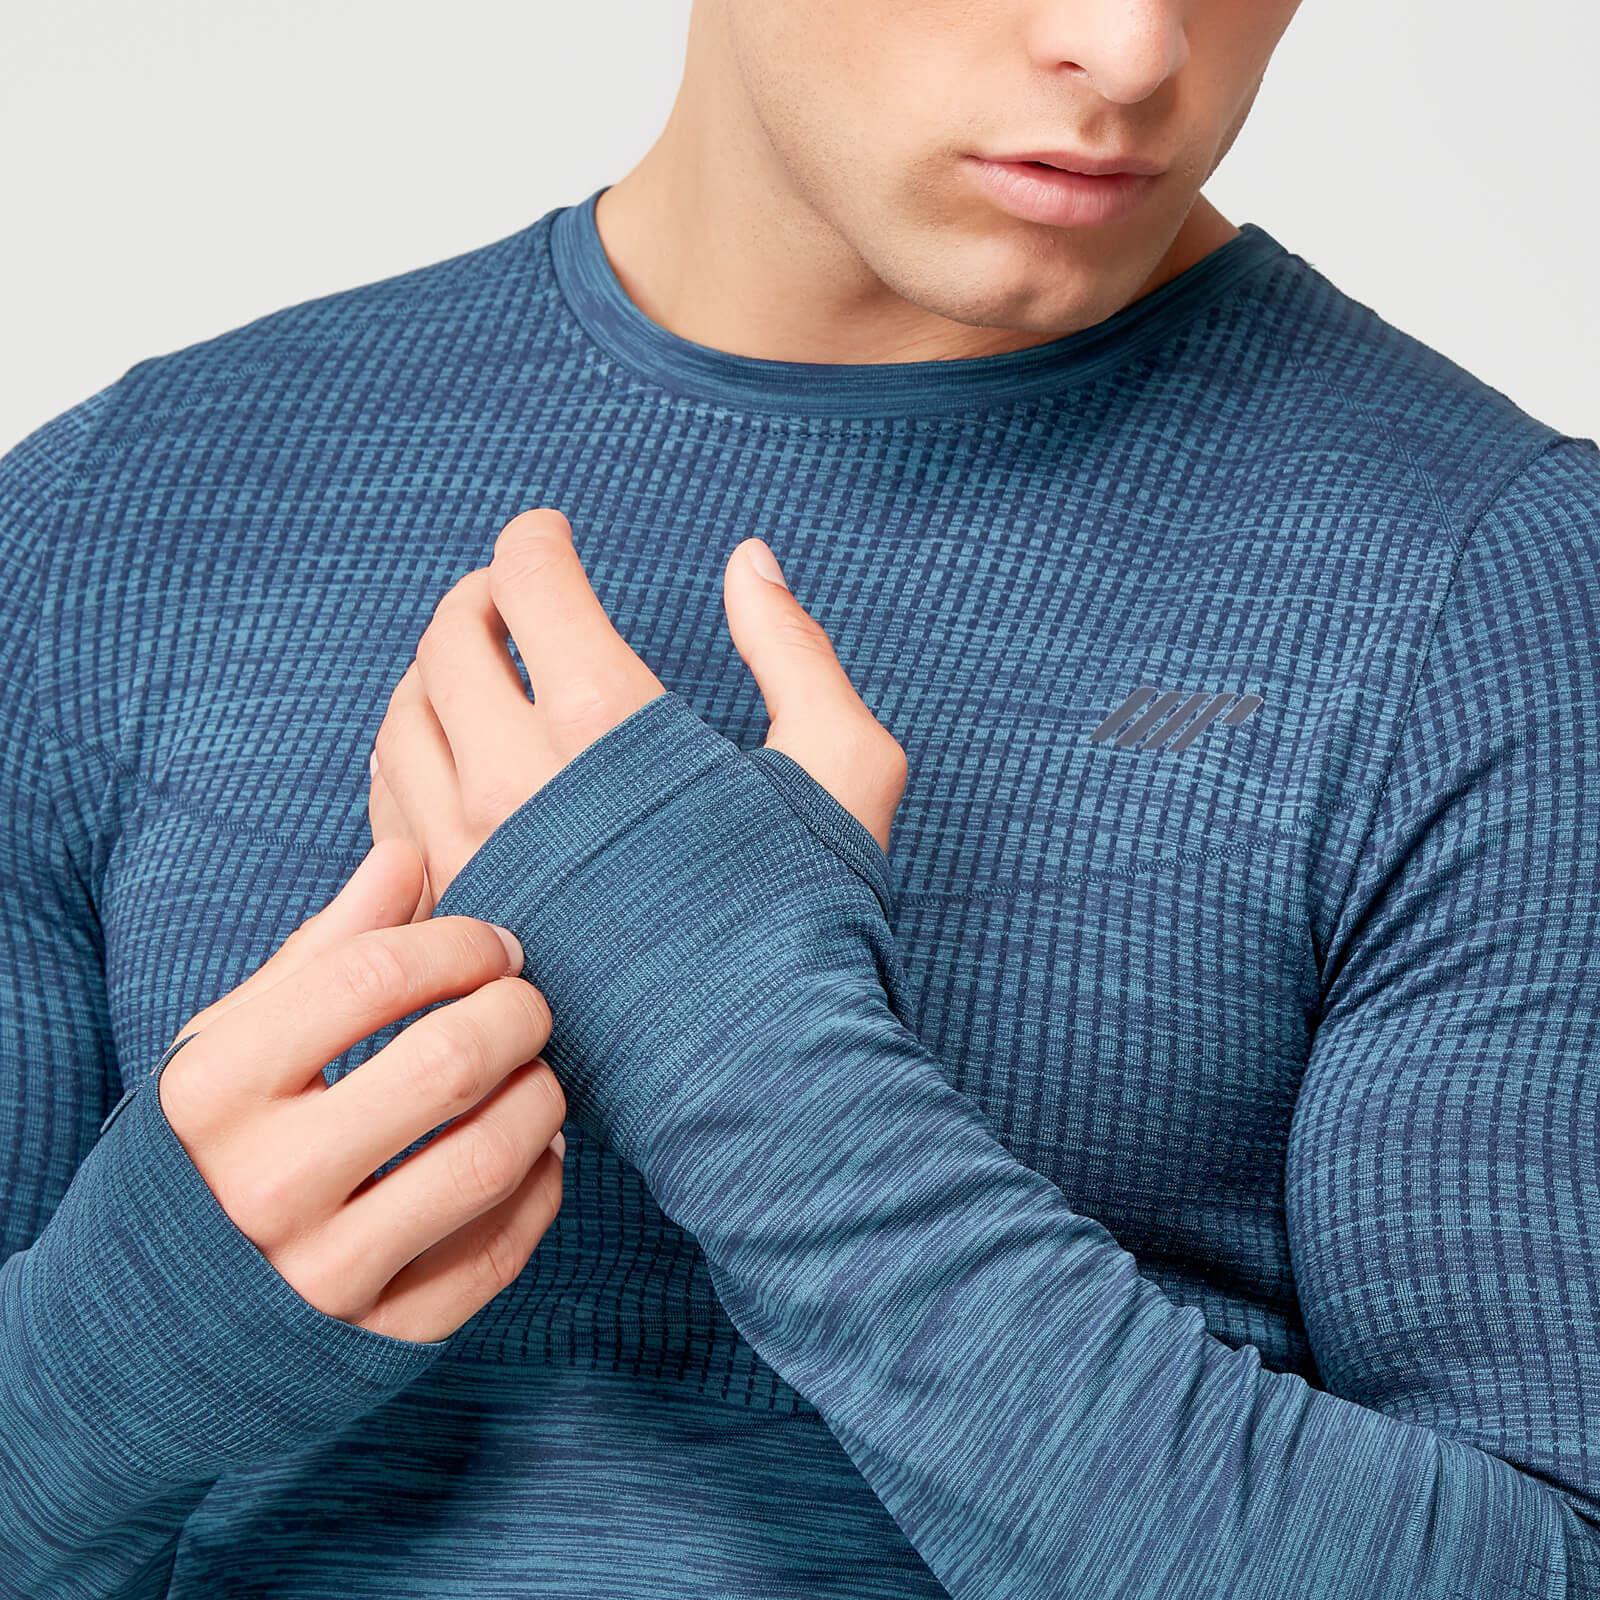 Myprotein Sculpt Seamless Long-Sleeve T-Shirt